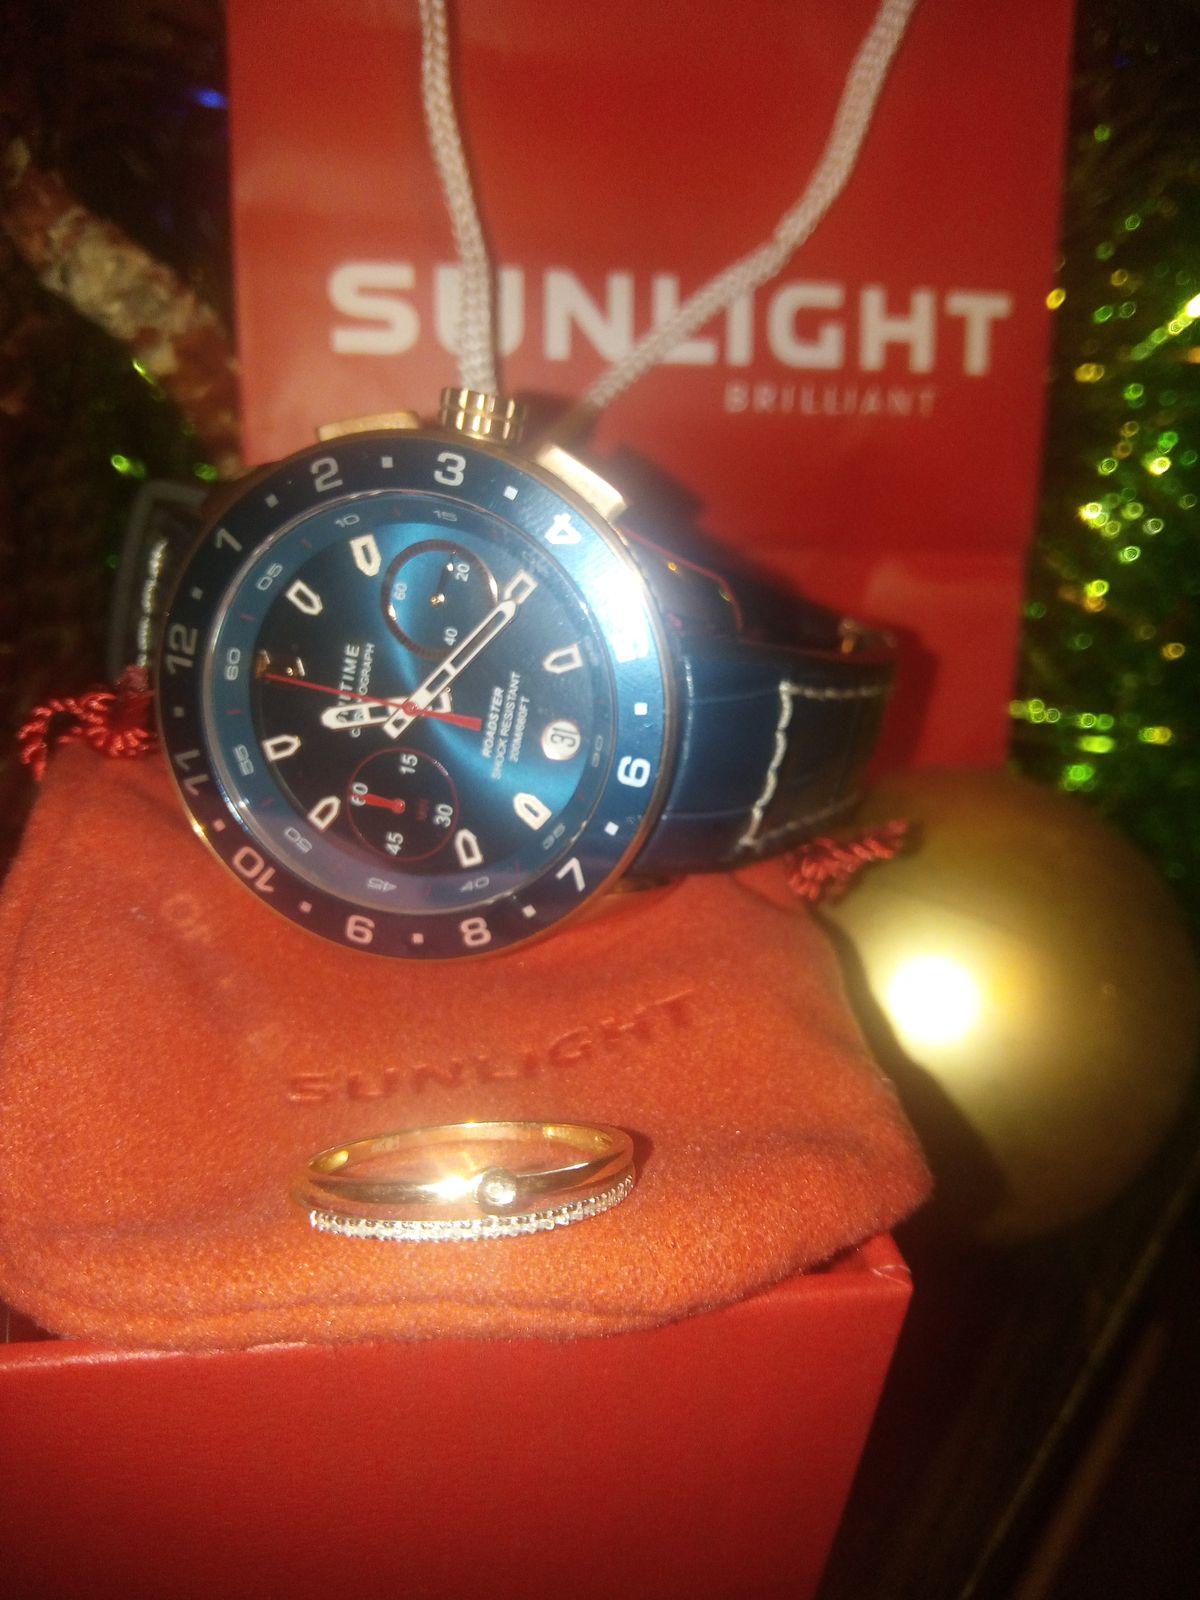 Шикарные часы,посмотрите на эту красоту!!!!